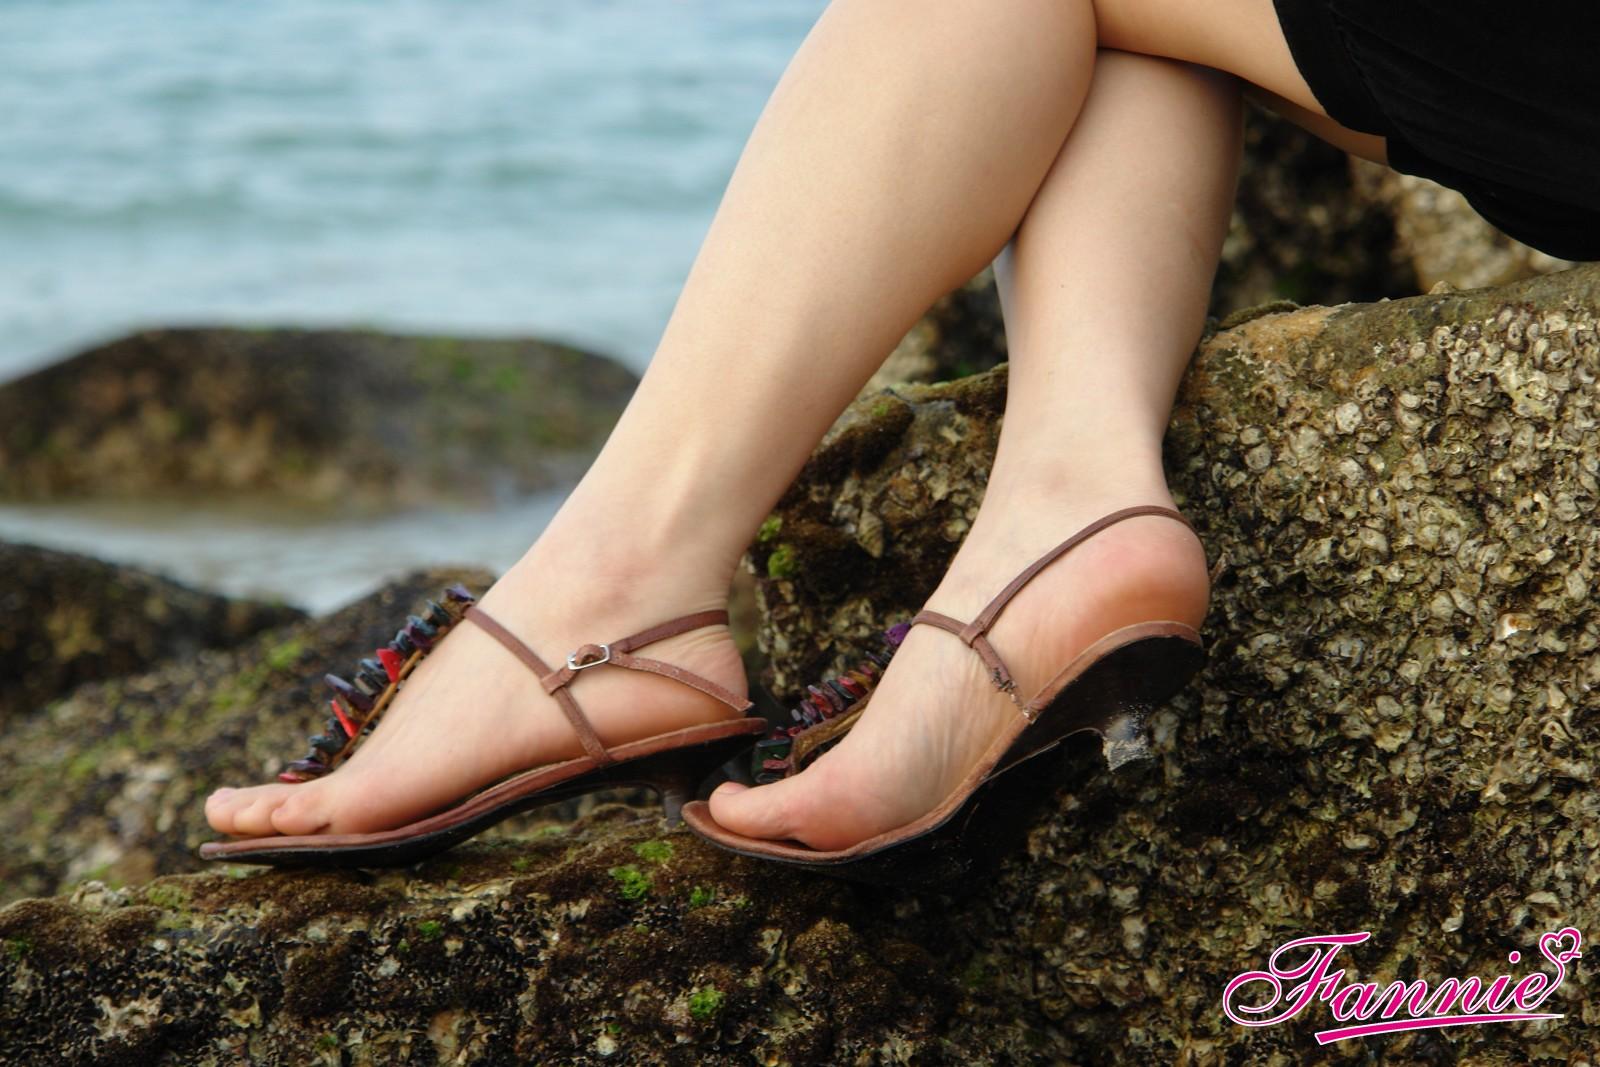 == 凭水临风为爱舞 == - 喜欢光脚丫的夏天 - 喜欢光脚丫的夏天